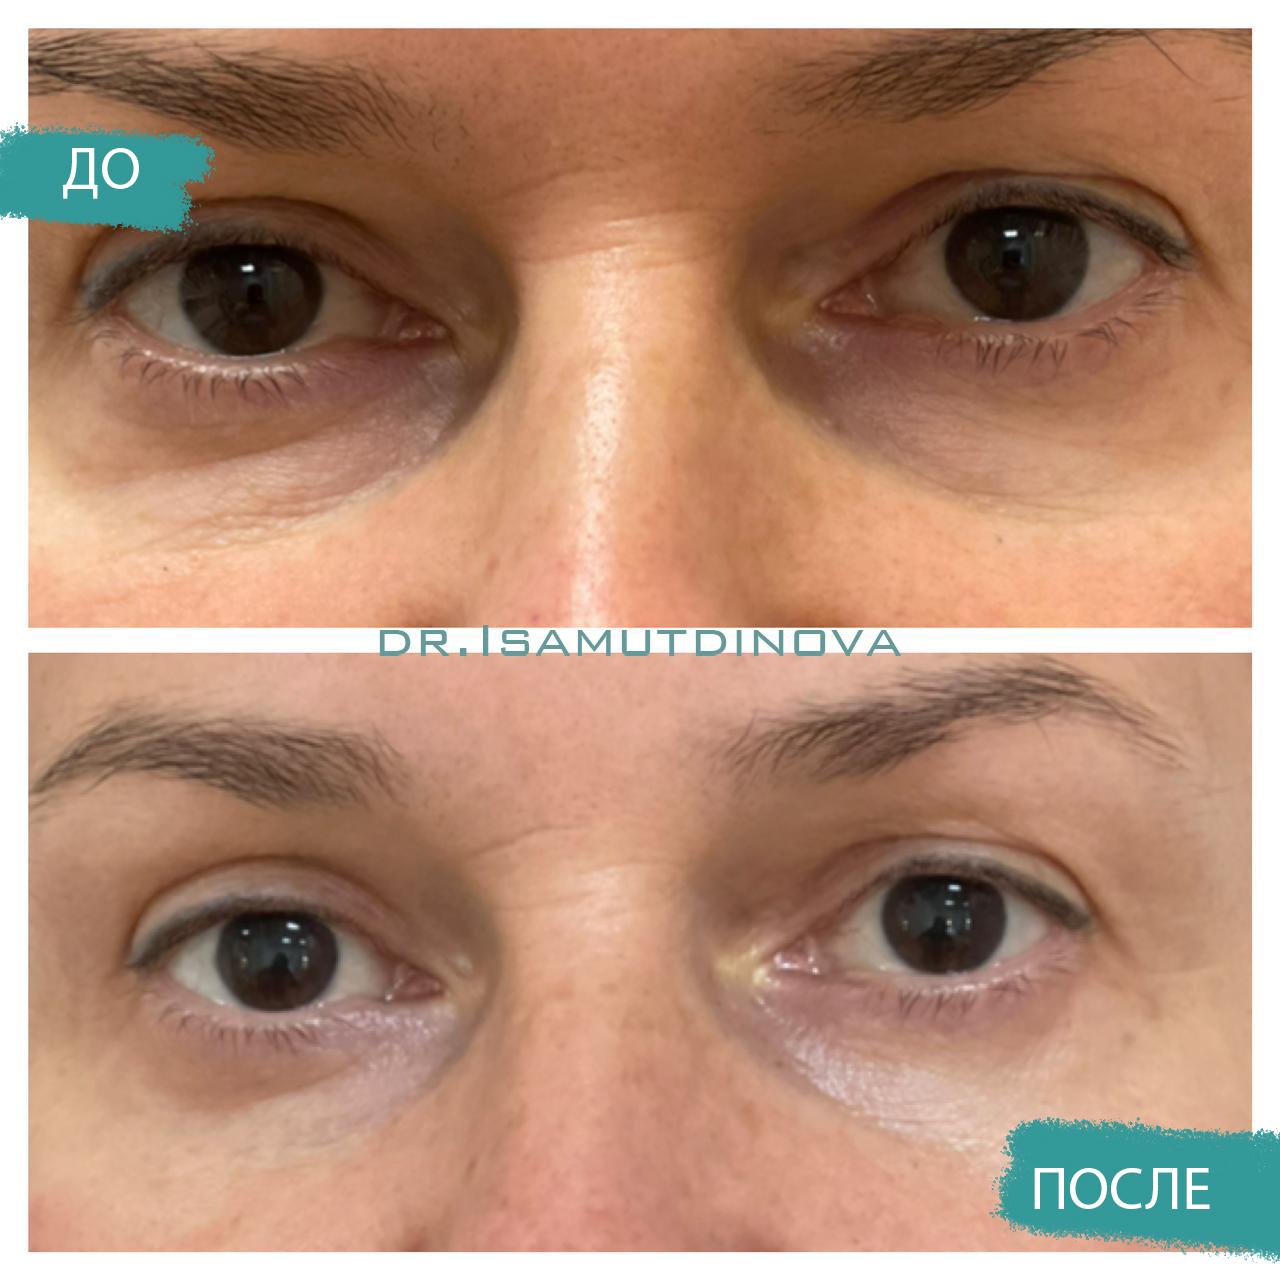 Нижняя блефаропластика фото до и после